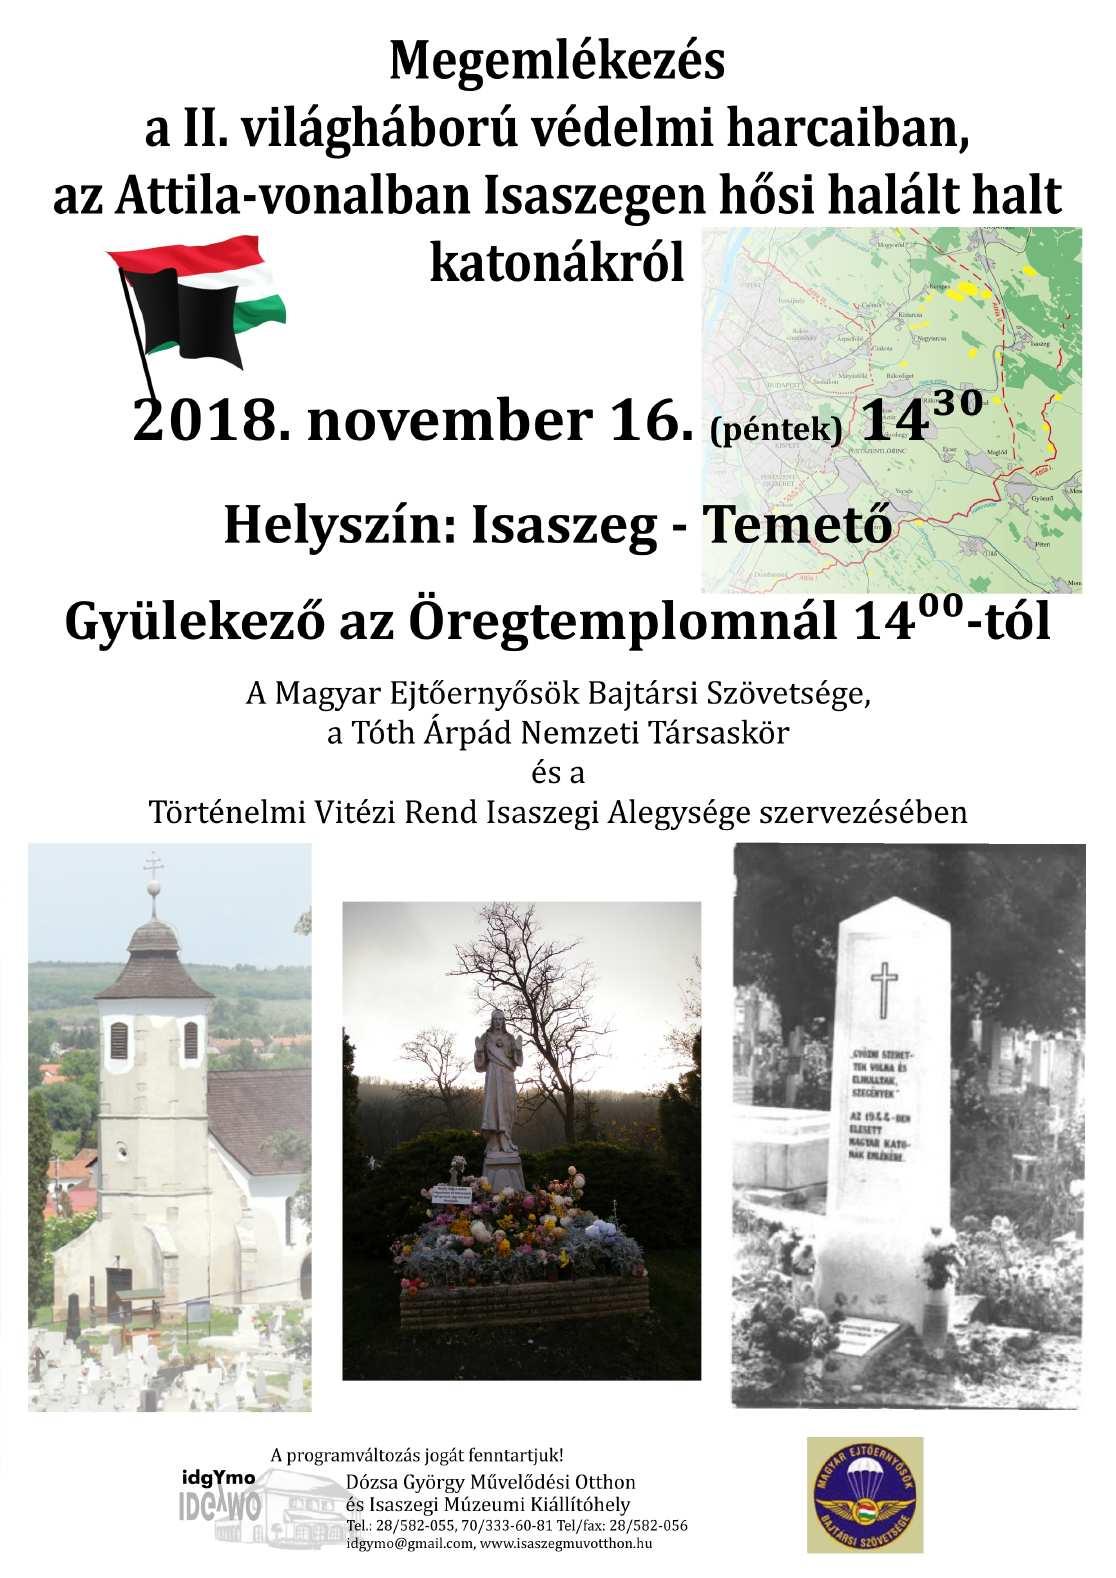 Attila-vonal megemlékezés 1116